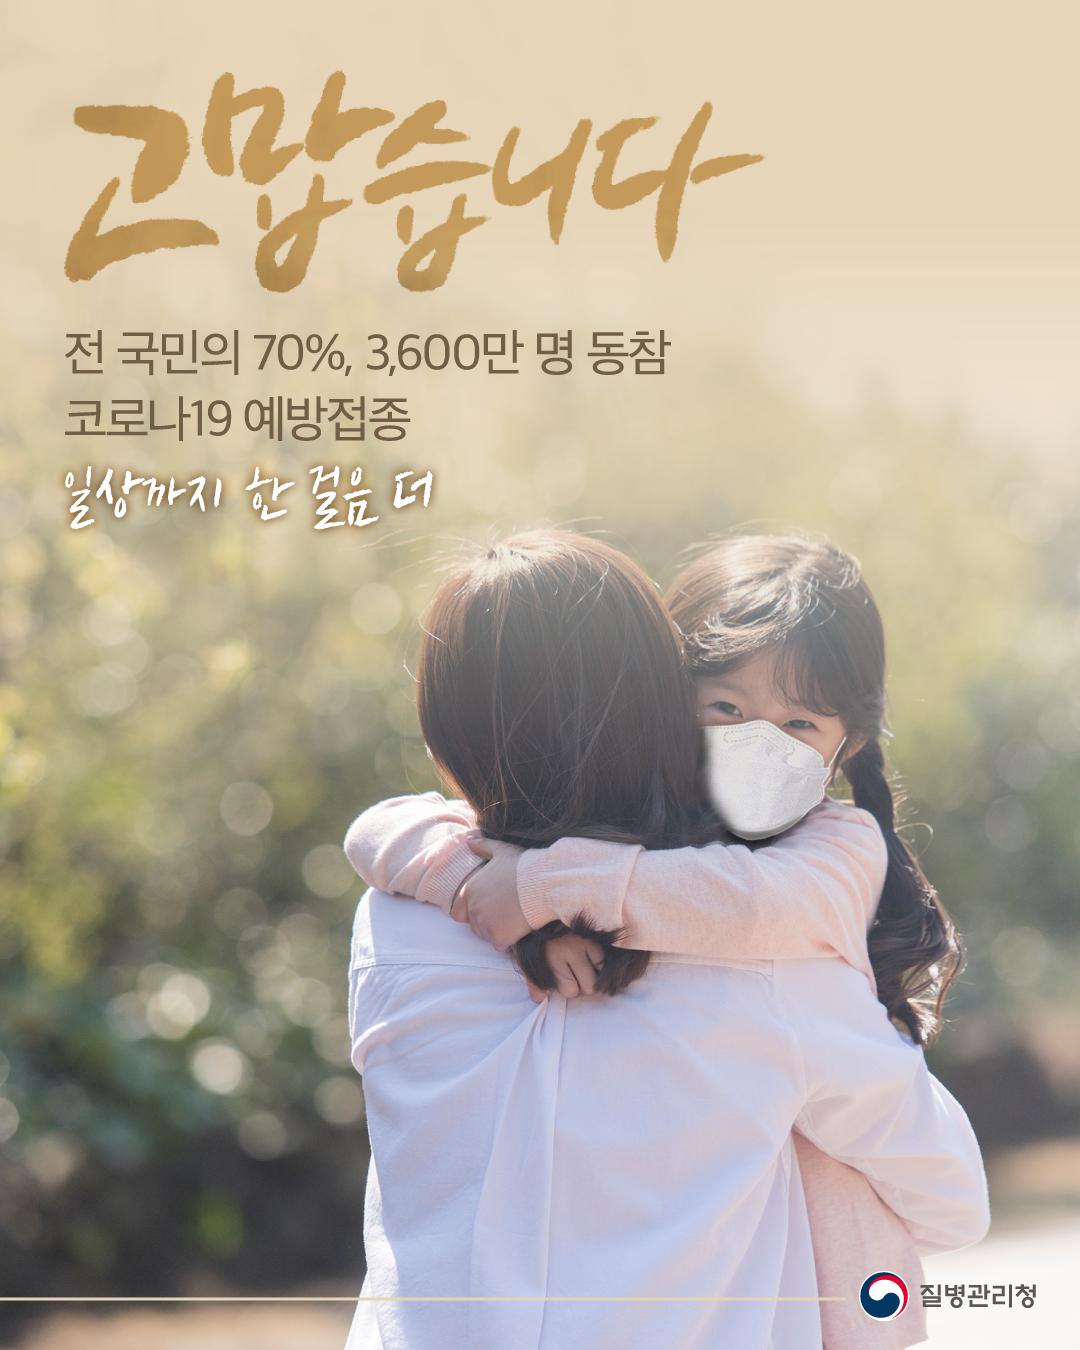 '고맙습니다' 코로나19 1차 예방접종 전국민 70%, 3,600만 명 동참